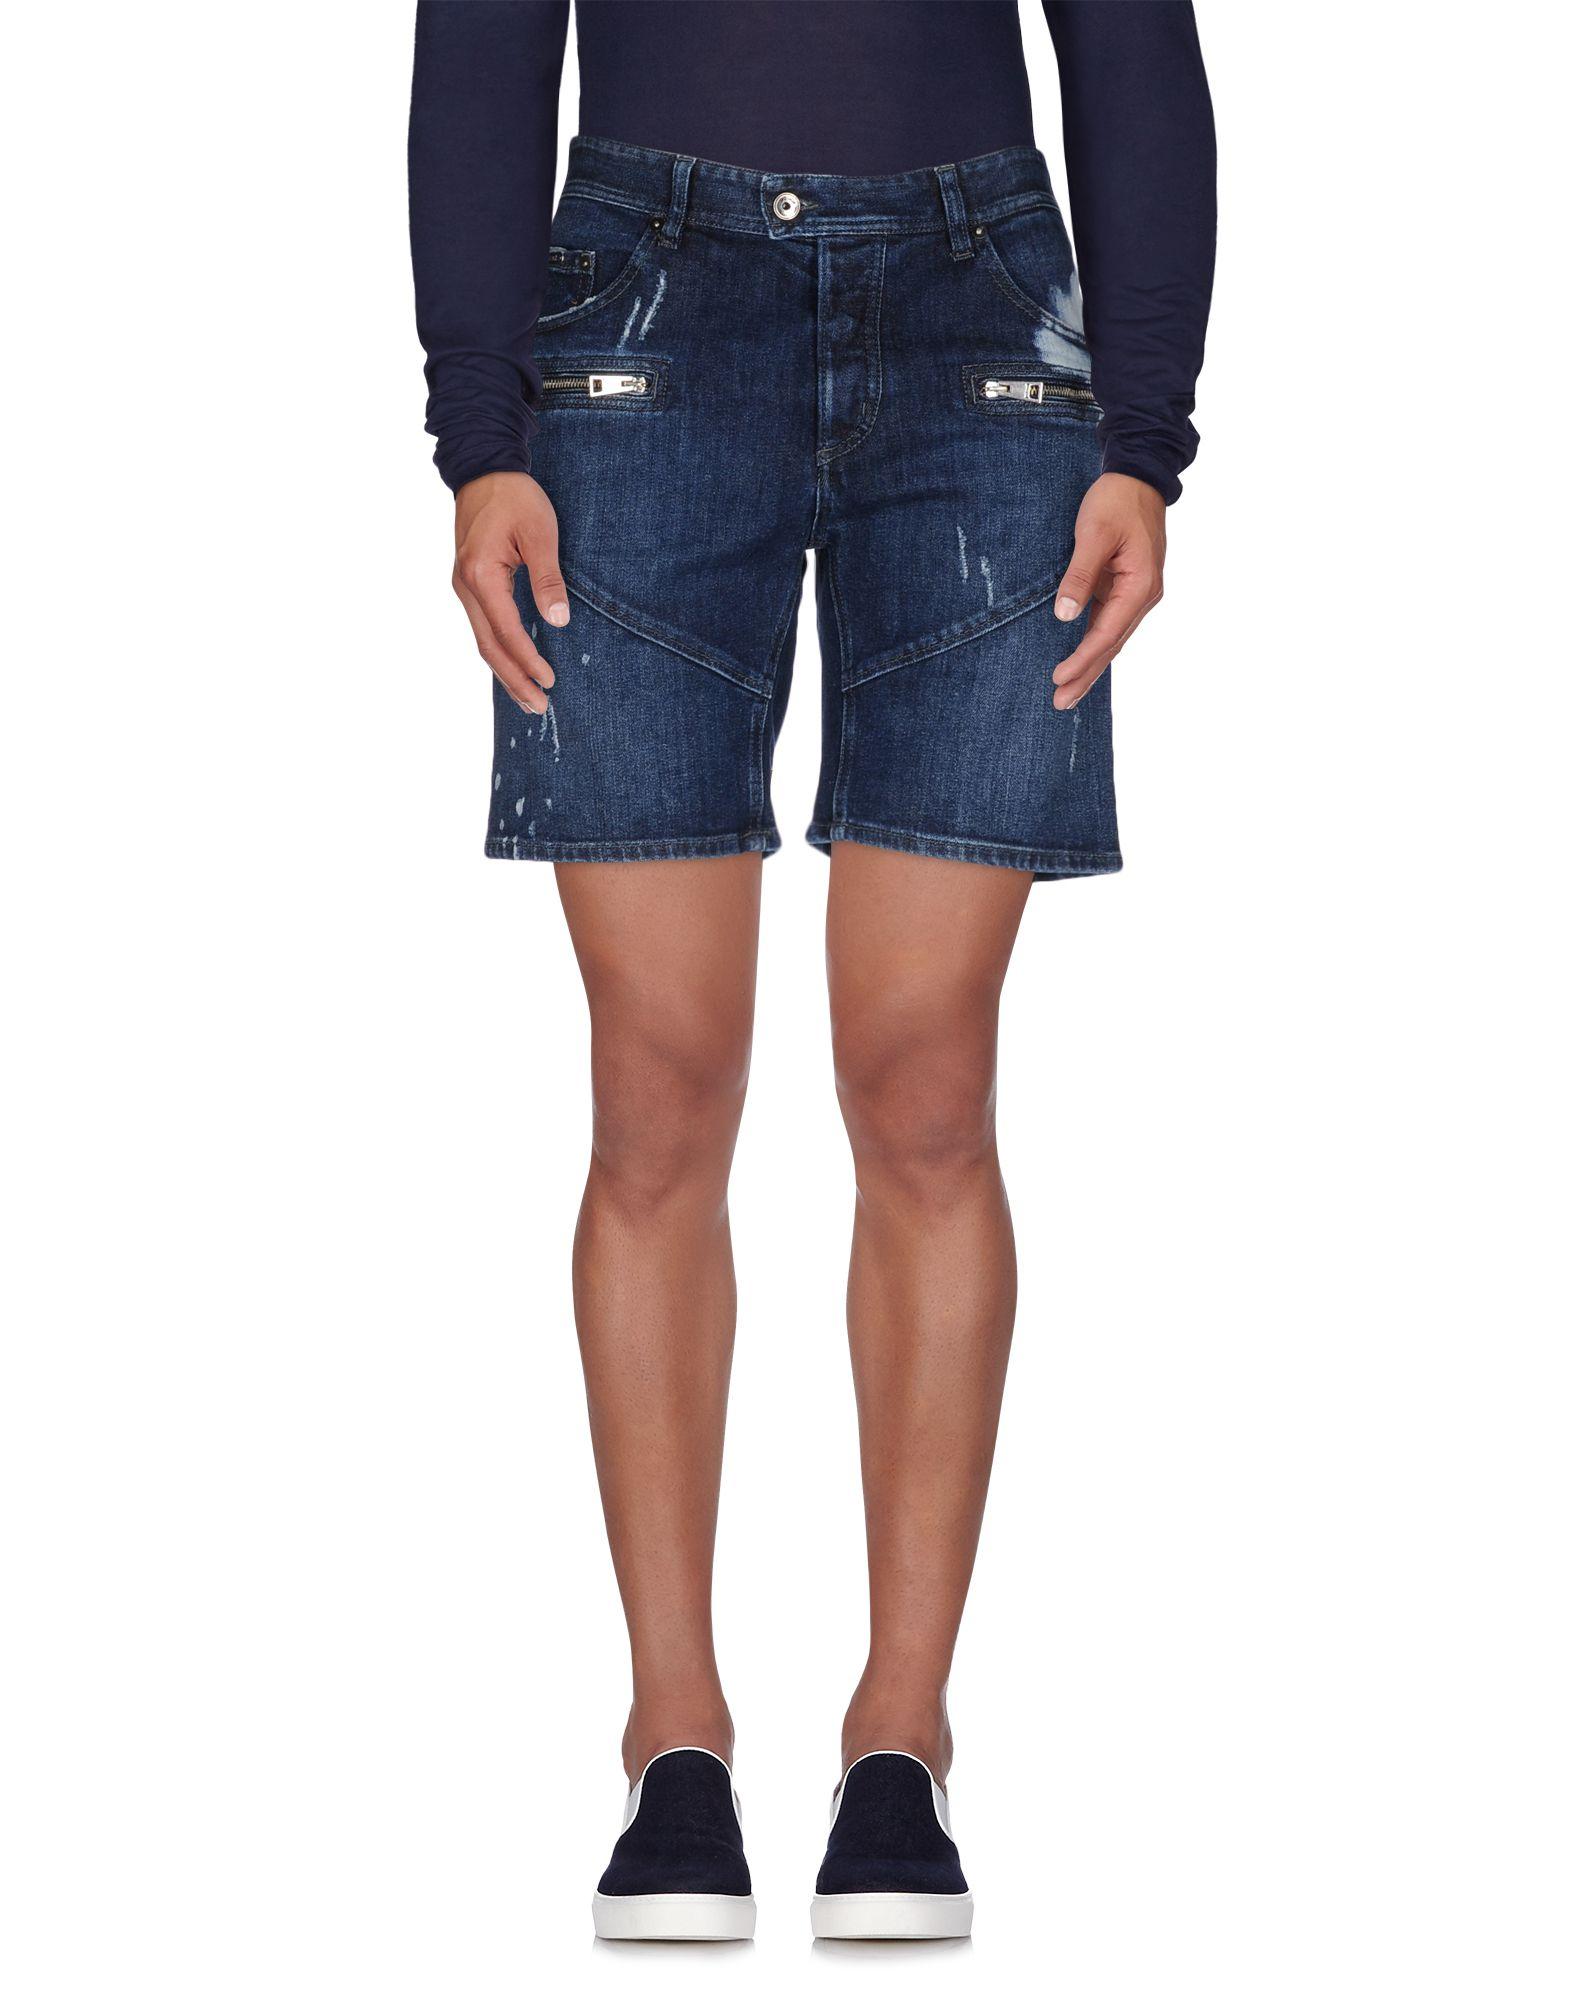 《期間限定セール中》JUST CAVALLI メンズ デニムバミューダパンツ ブルー 52 コットン 98% / ポリウレタン 2%